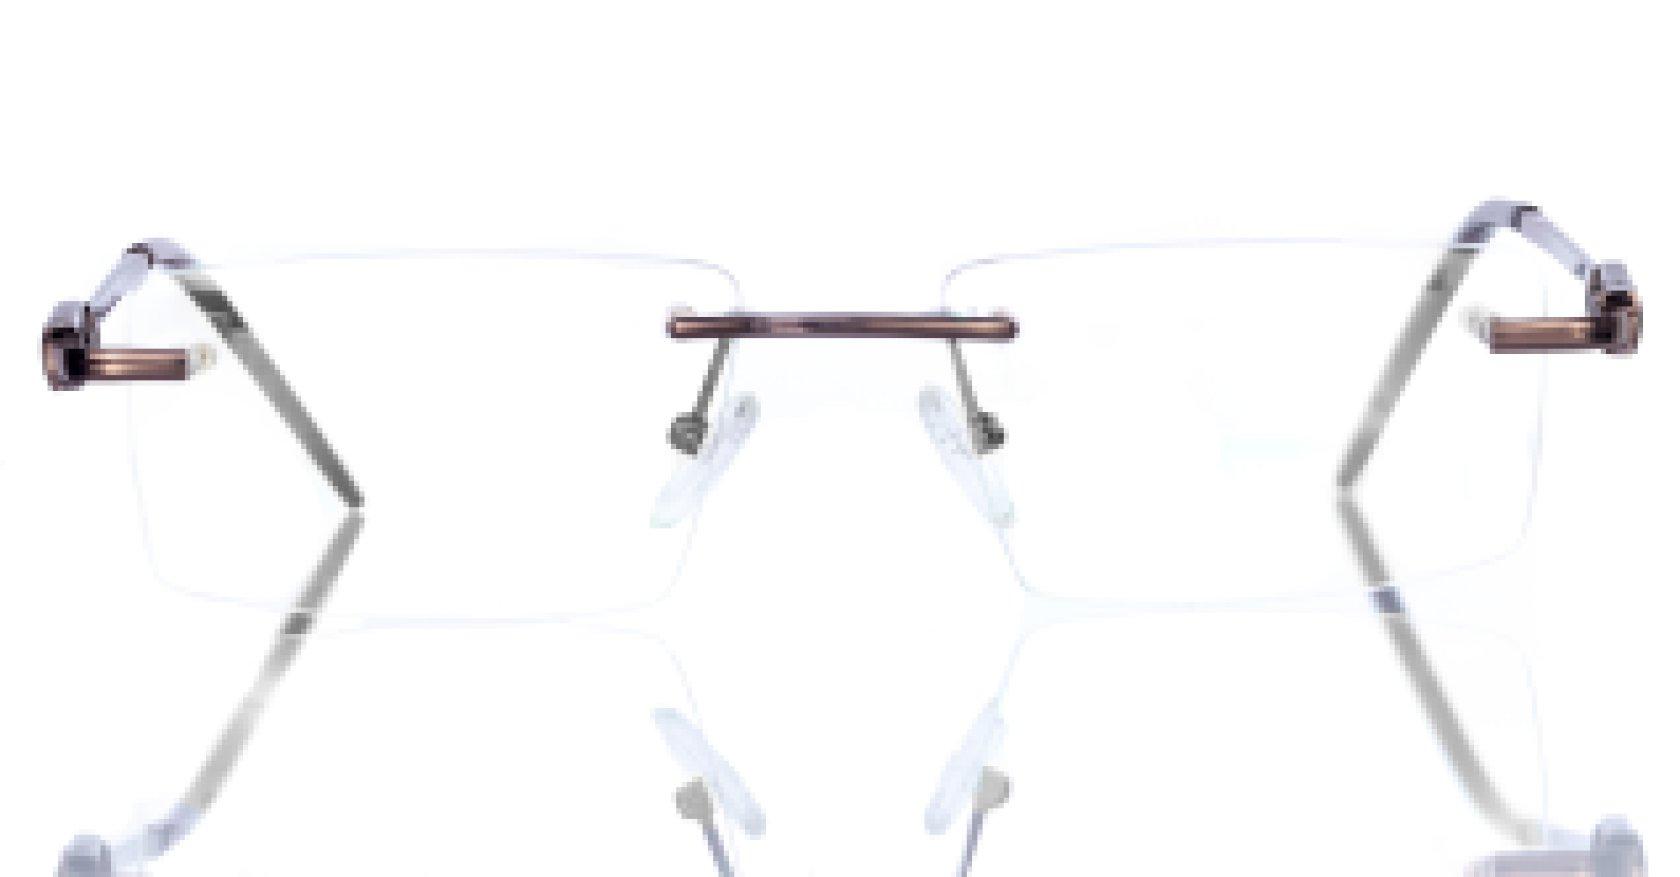 imagen miniatura frontal de la referencia 1002104